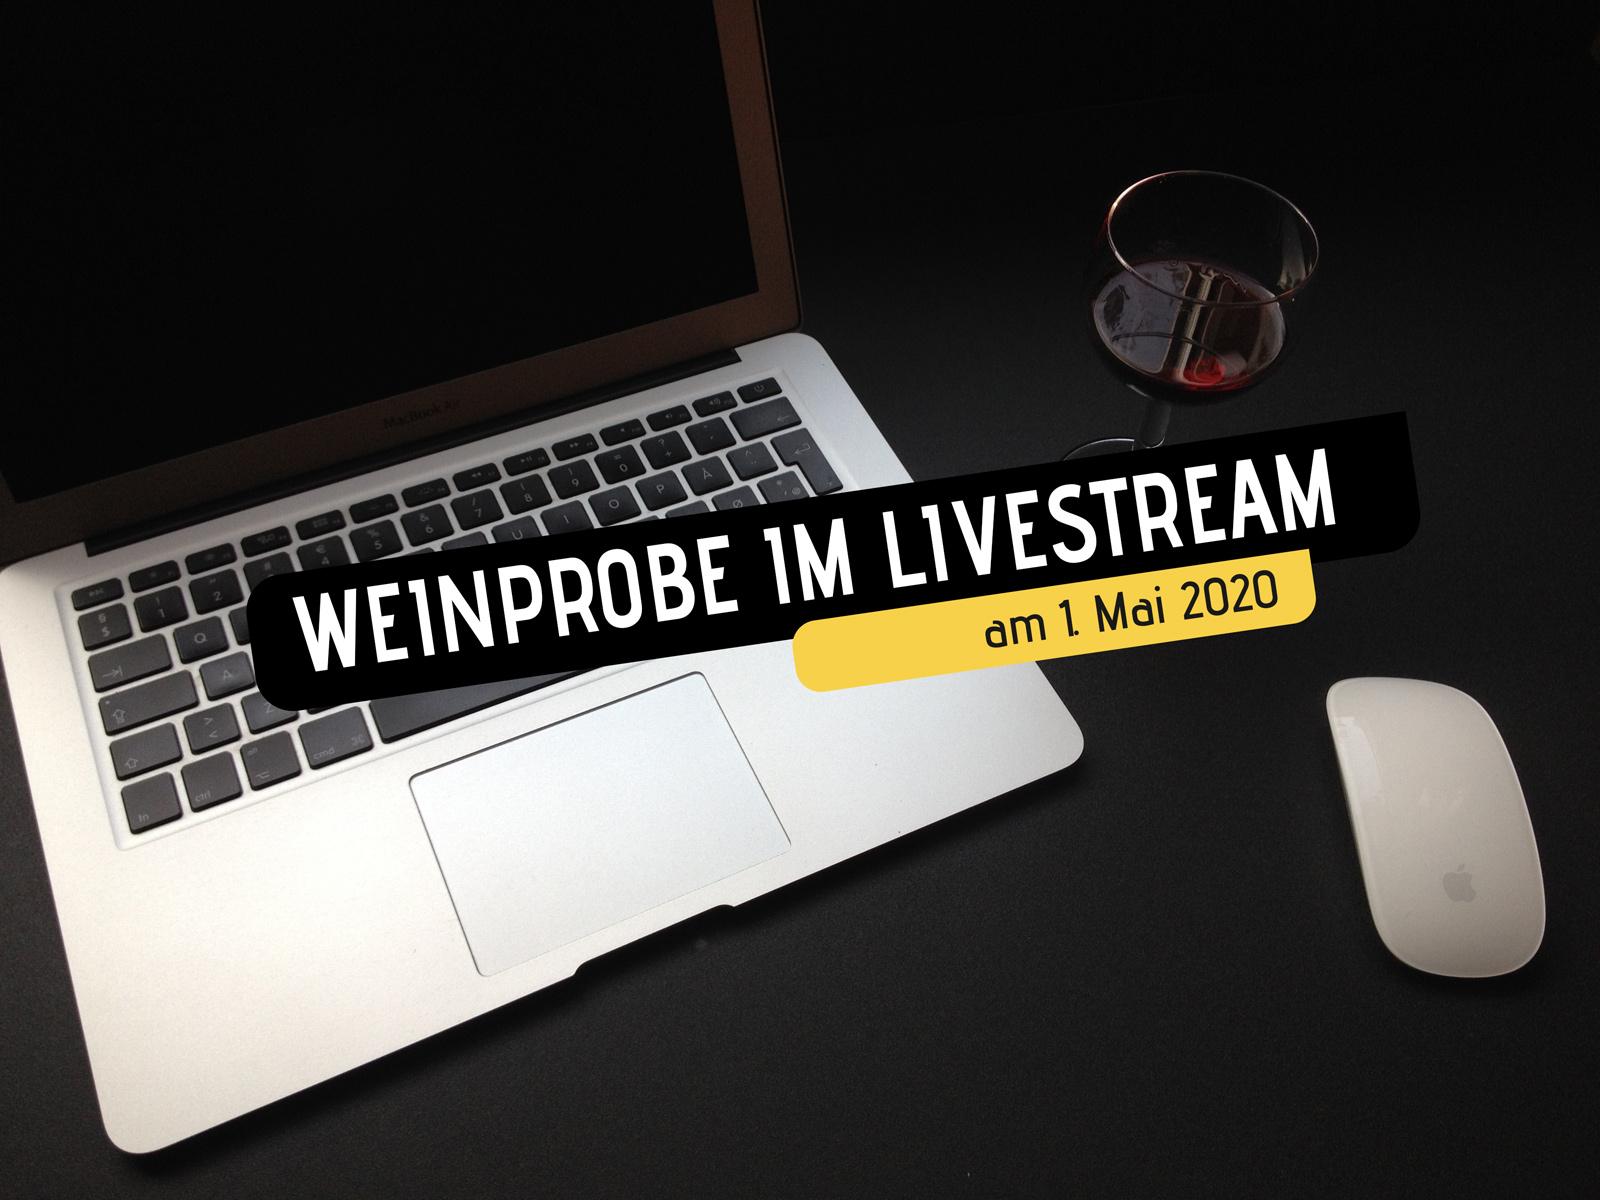 Weinprobe und Musik im Livestream am 1. Mai